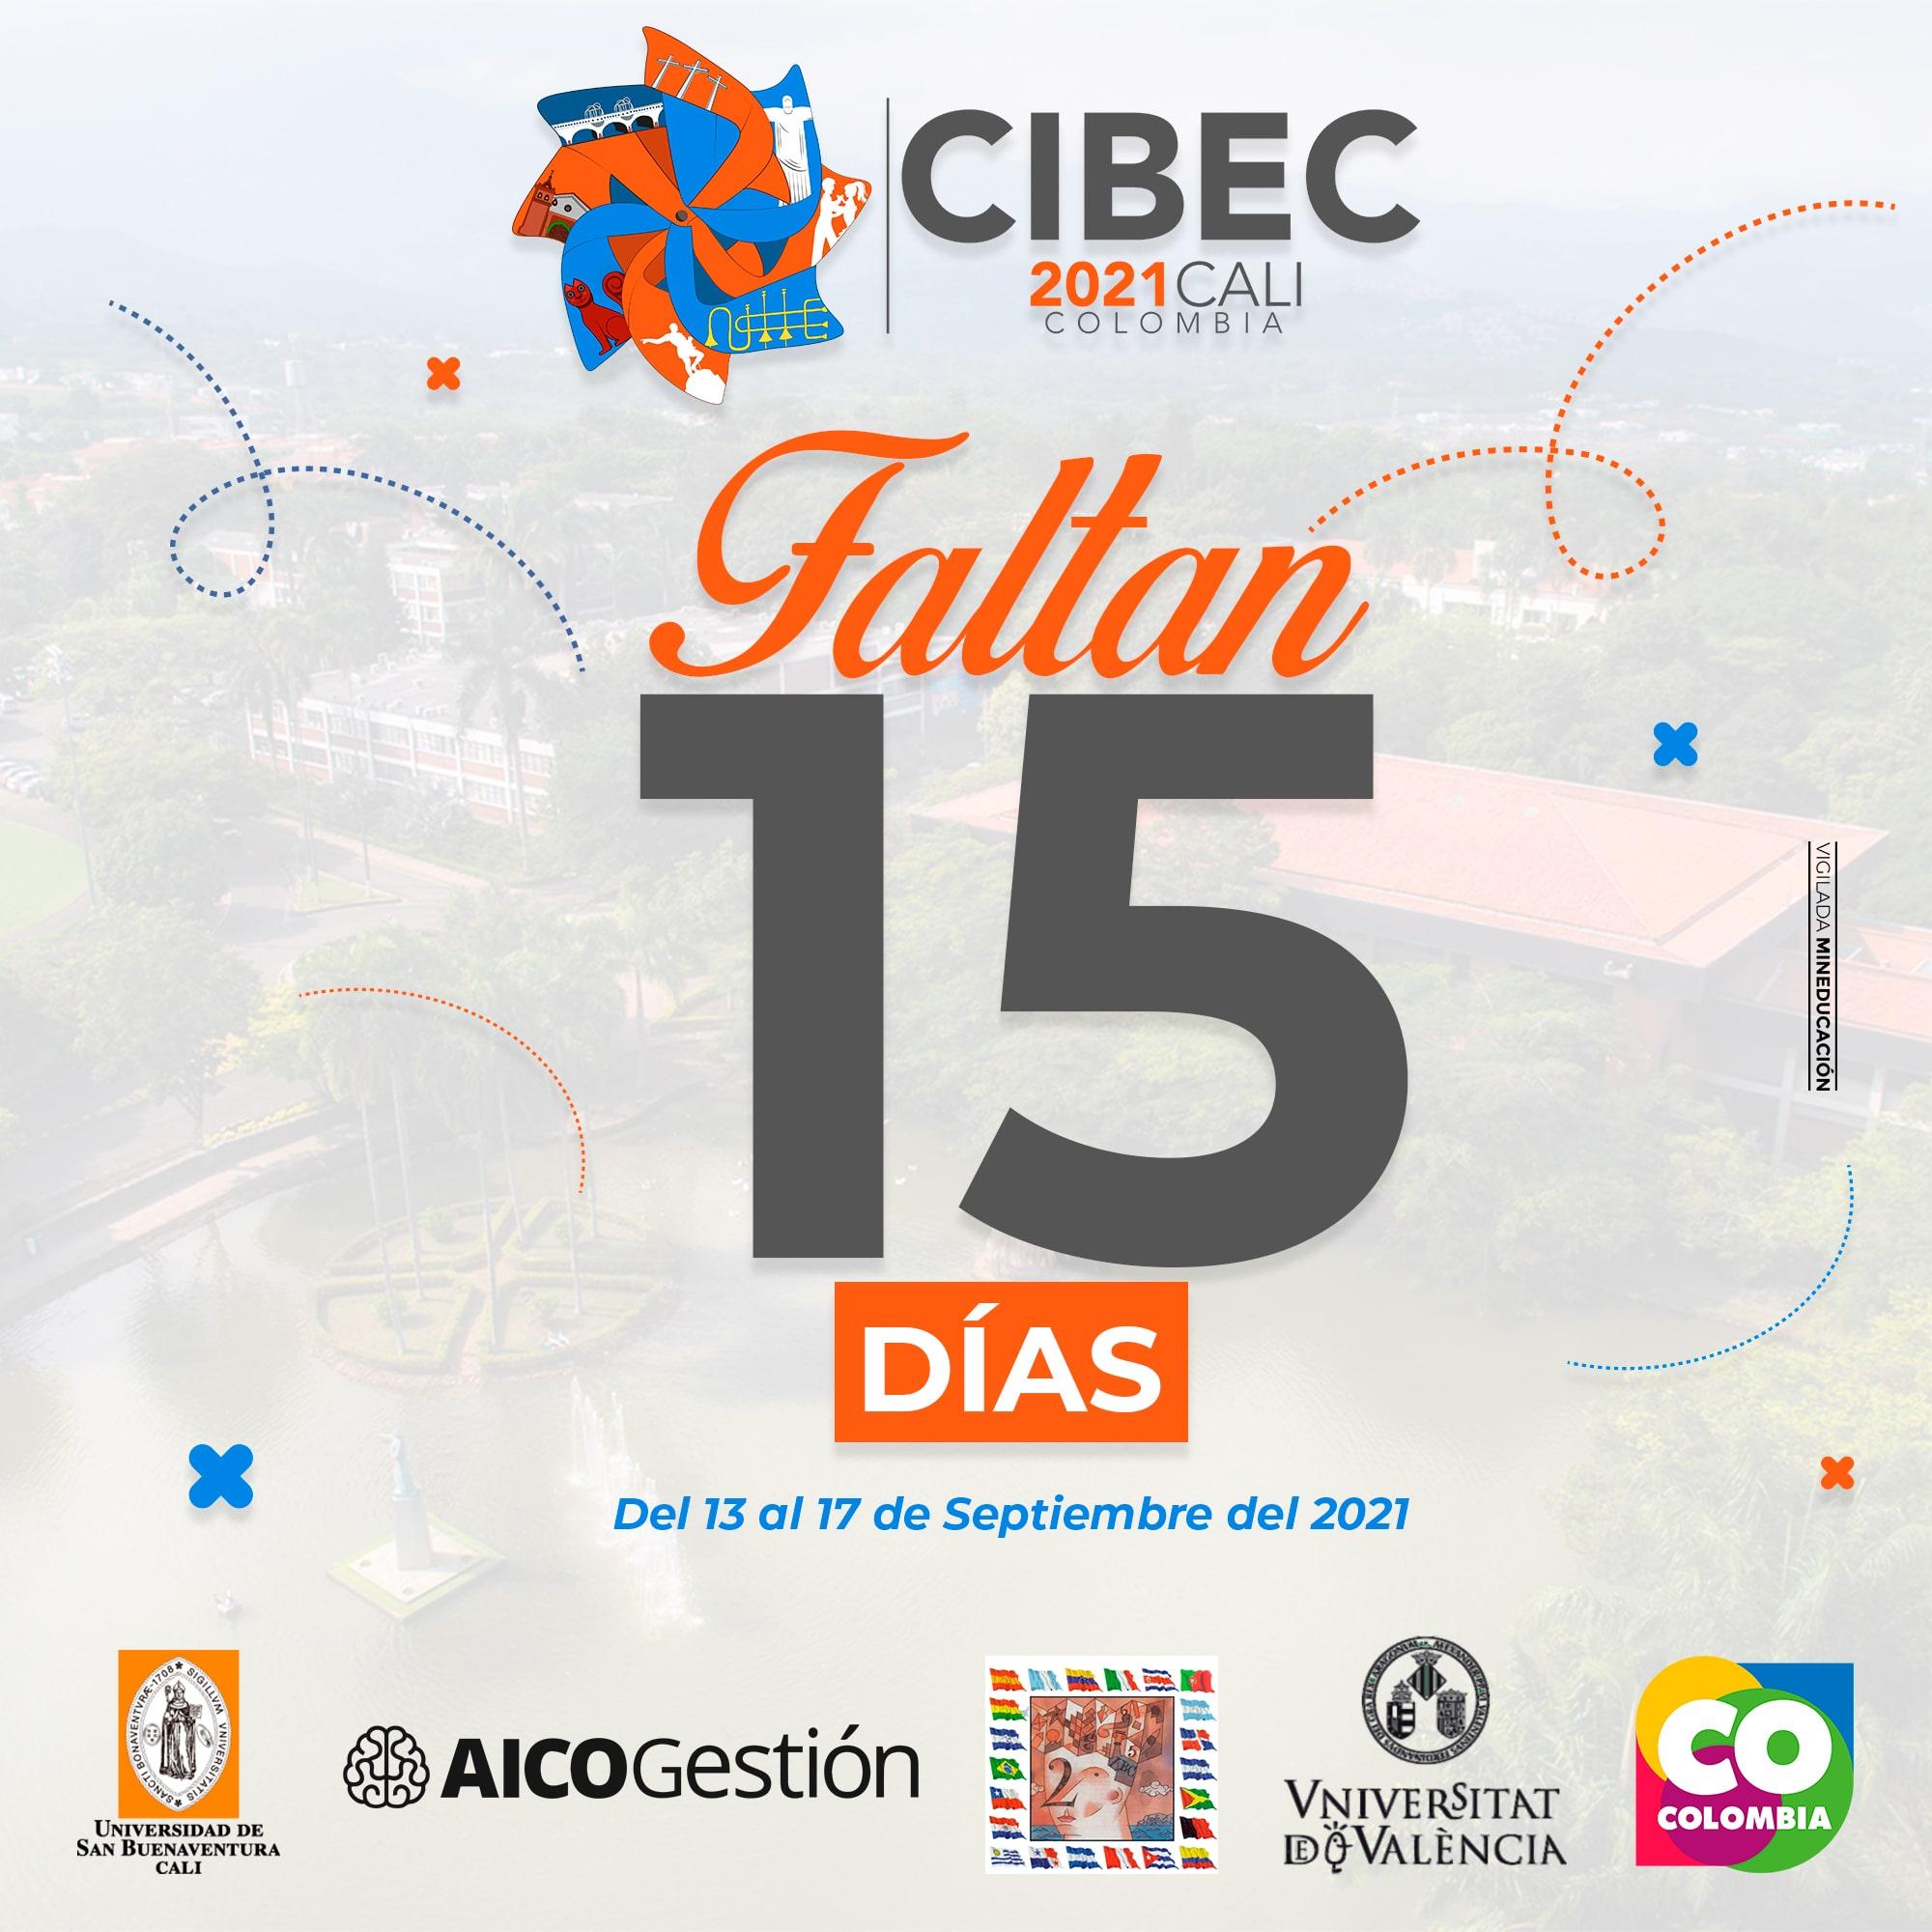 Faltan-15-dias-CIBEC-2021-min